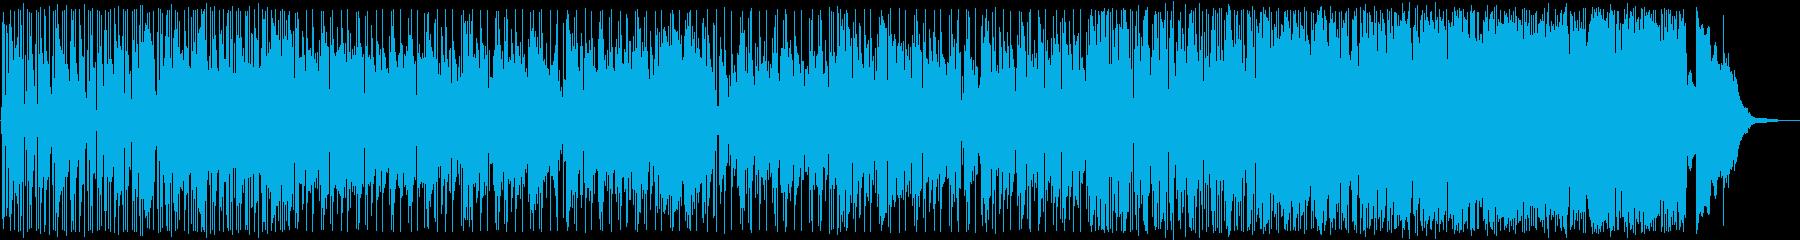 気怠いバラードからハードボイルドな展開!の再生済みの波形